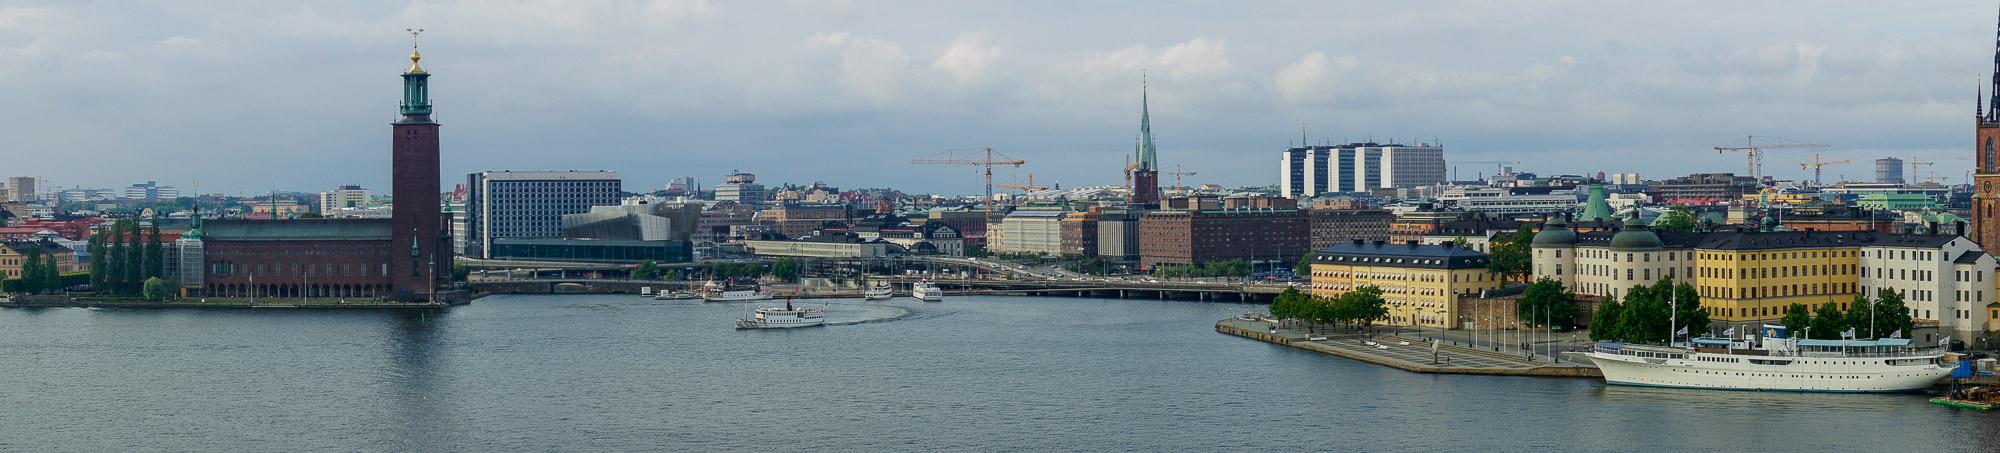 Monteliusvägen-Panorama II